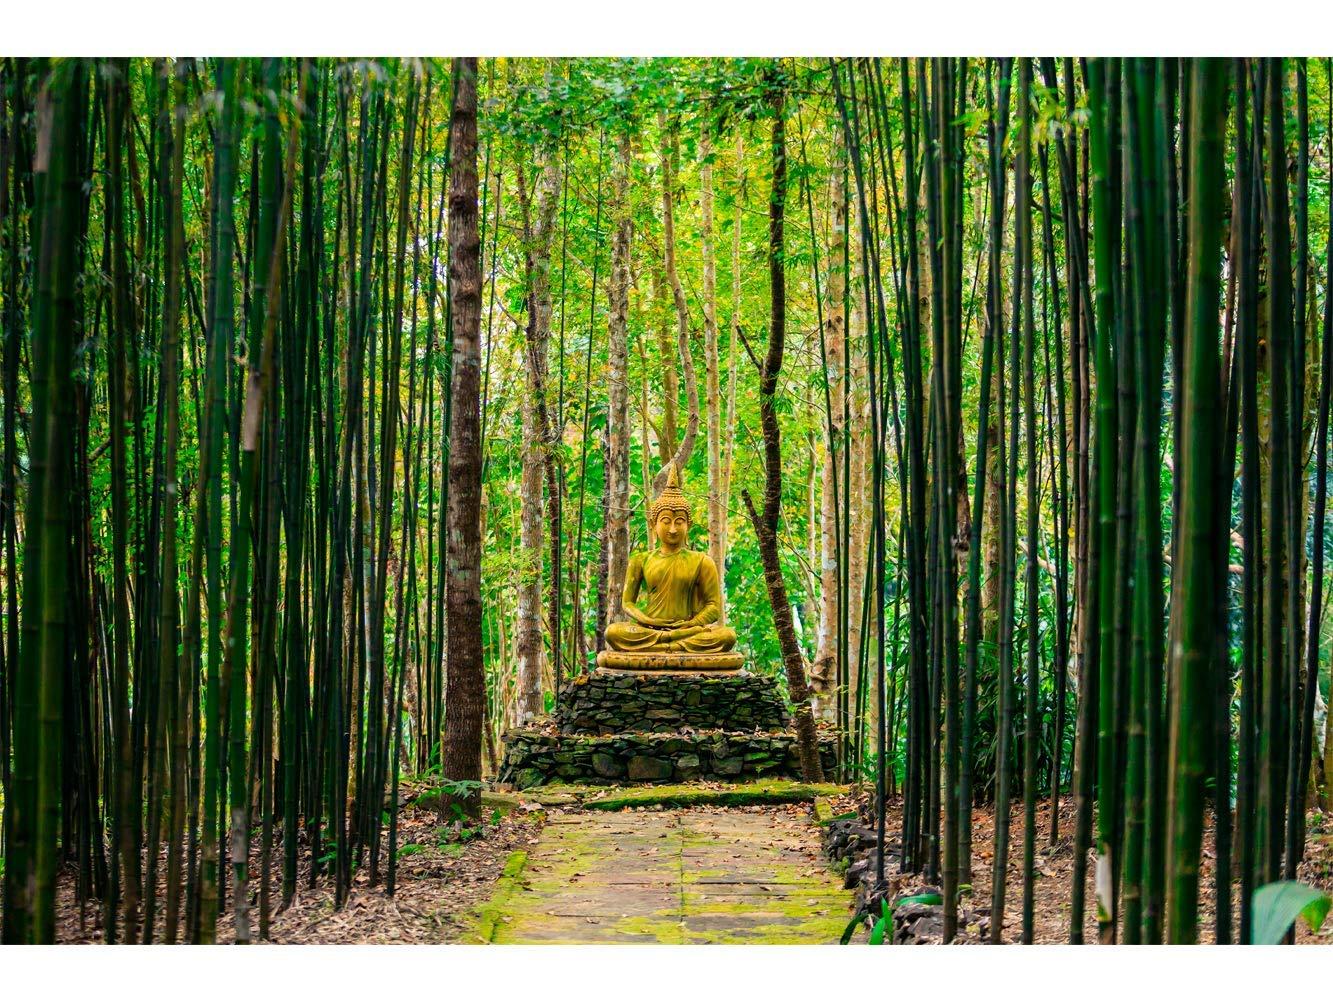 Oedim Fototapete Wand Buddha im Bambuswald | Verschiedene Maße 350 x 250 cm | Dekor Esszimmer, Wohnzimmer, Zimmer